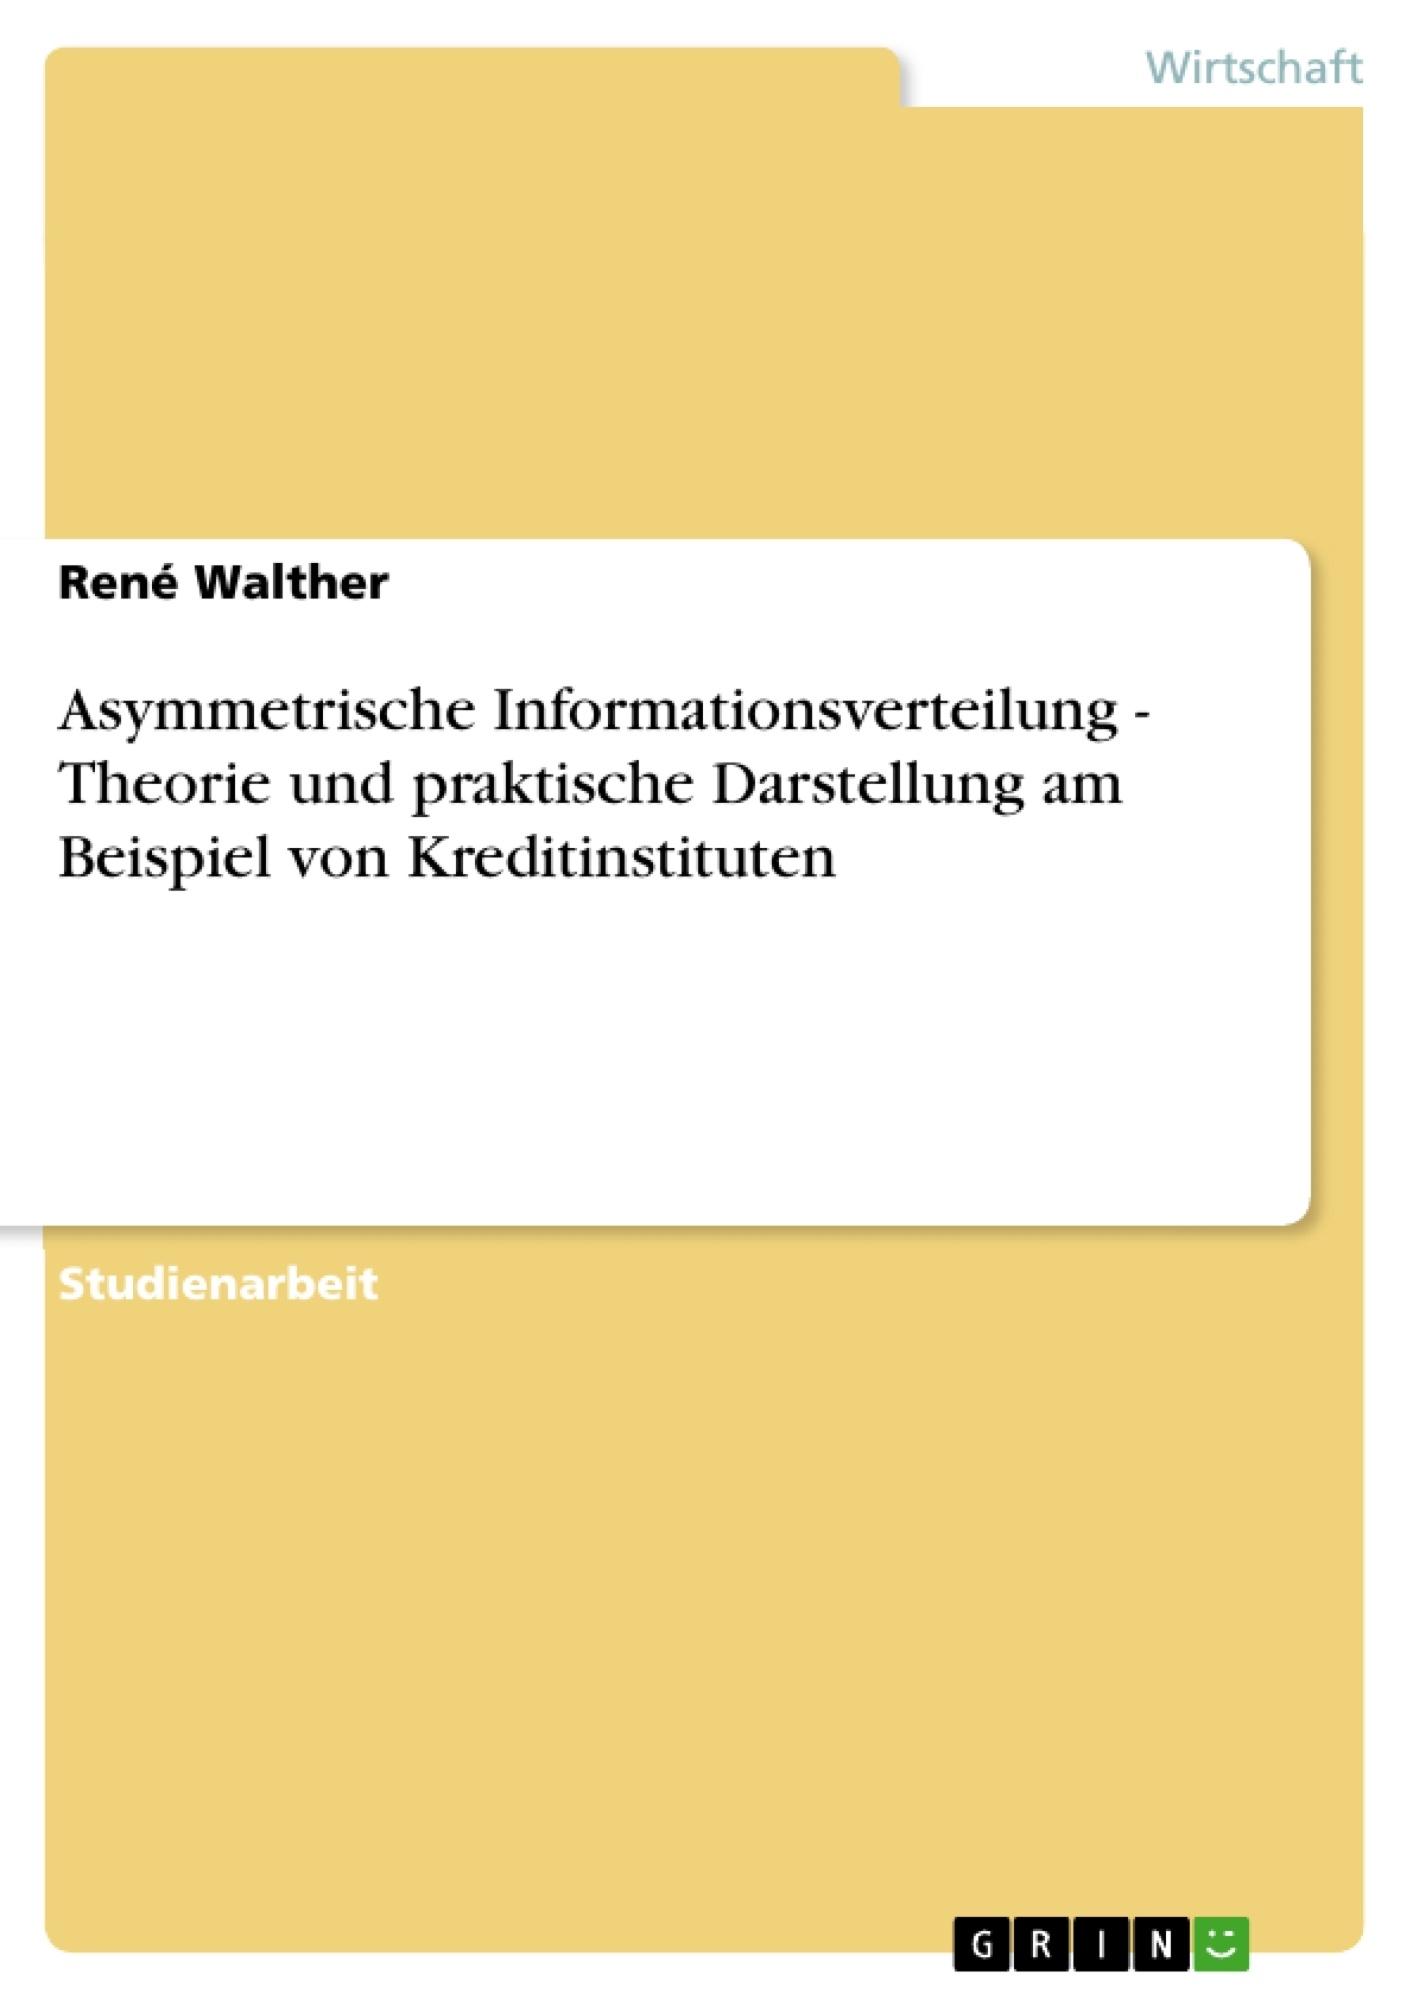 Titel: Asymmetrische Informationsverteilung - Theorie und praktische Darstellung am Beispiel von Kreditinstituten